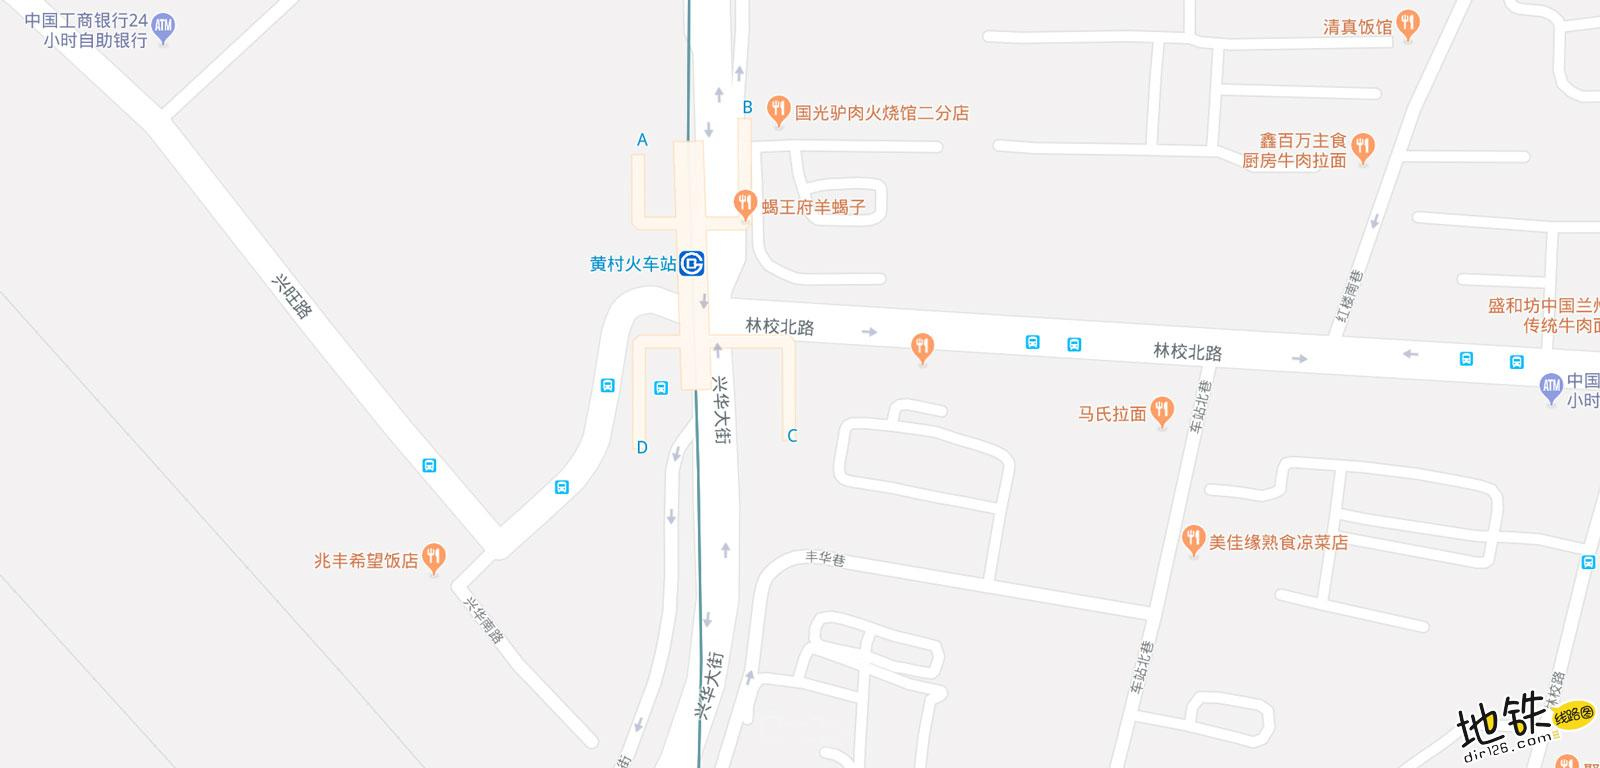 黄村火车站地铁站 北京地铁黄村火车站站出入口 地图信息查询  北京地铁站  第2张